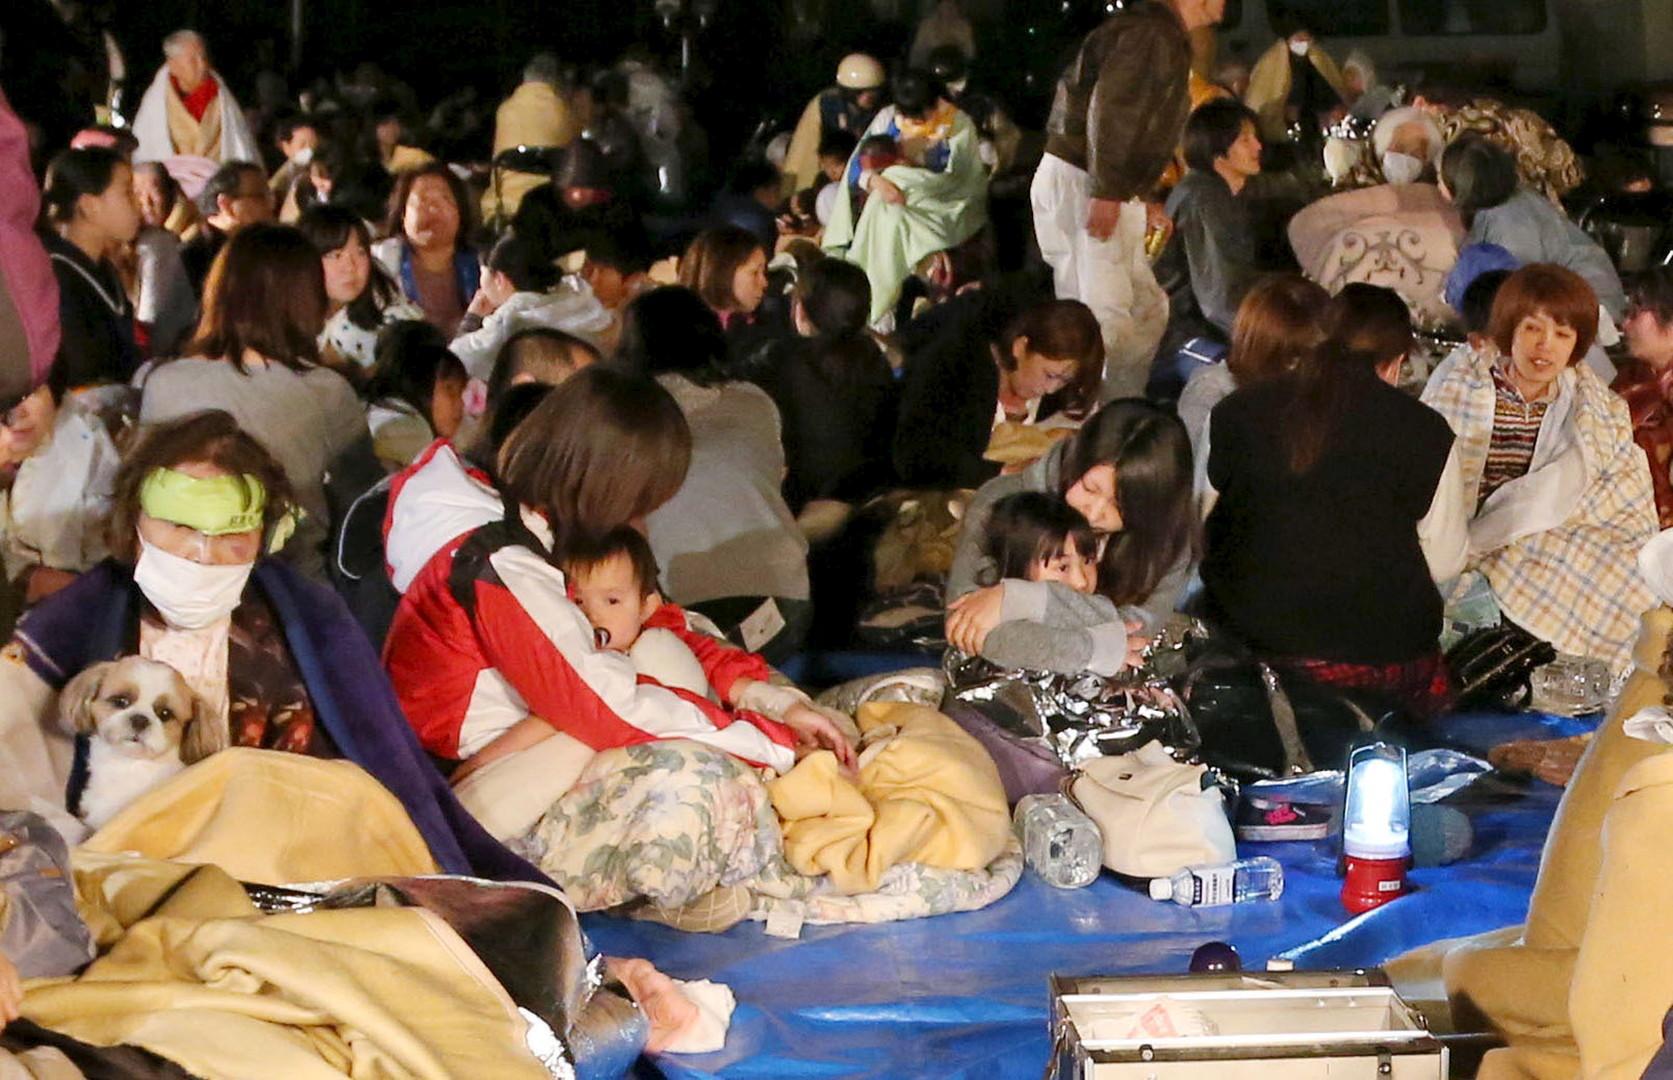 Japon : au moins 9 morts et plus de 700 blessés après une série de forts tremblements de terre